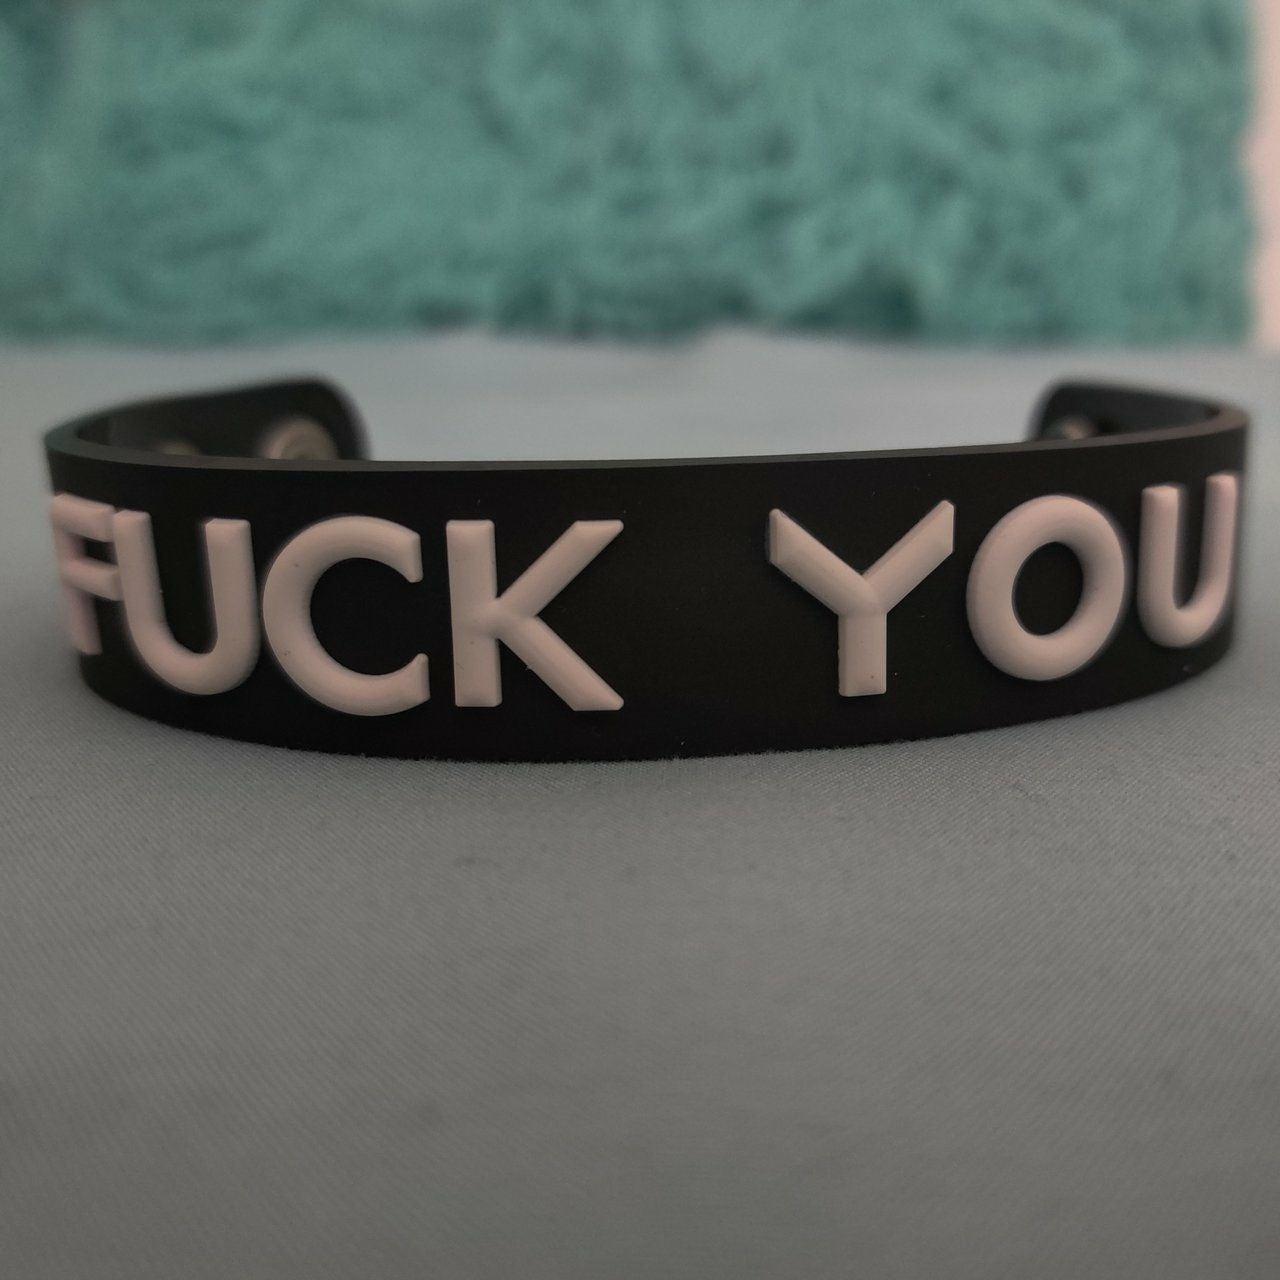 Fck You bracelet